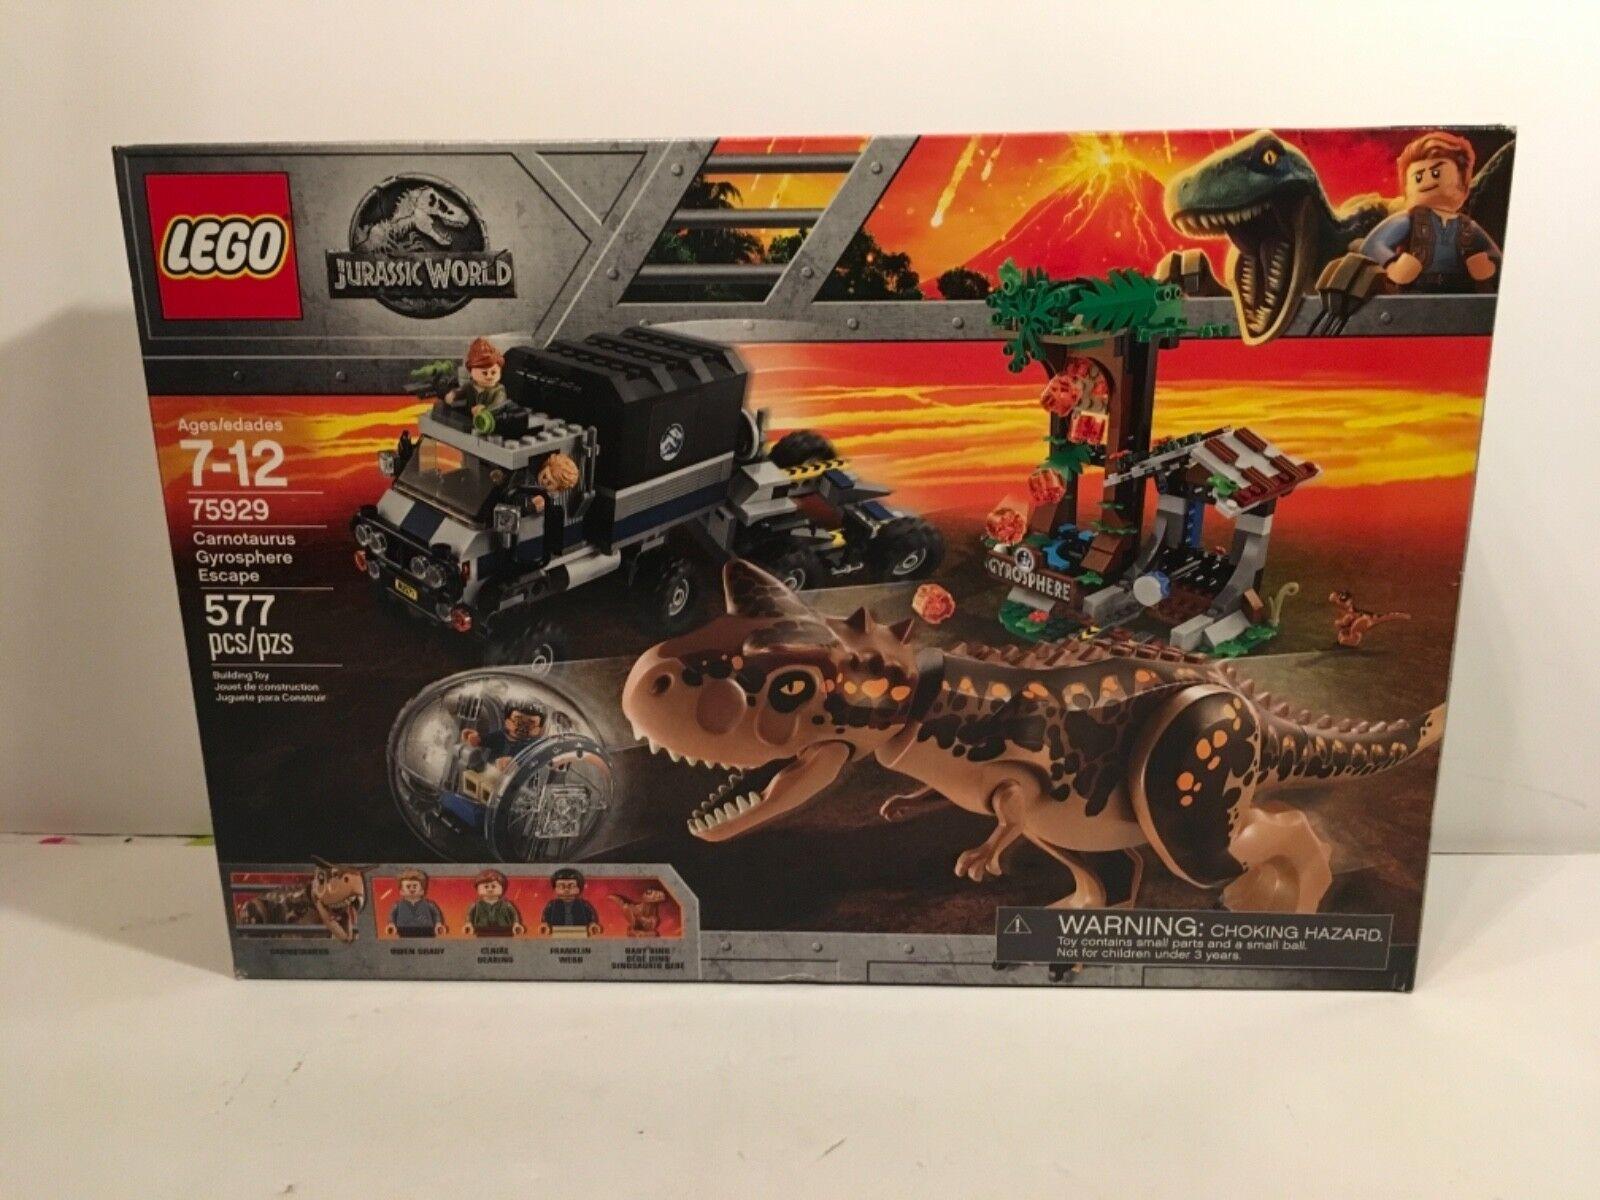 LEGO Jurassic World Carnotaurus Gyrosphere Escape 2018  75929  Nuovo Sealed